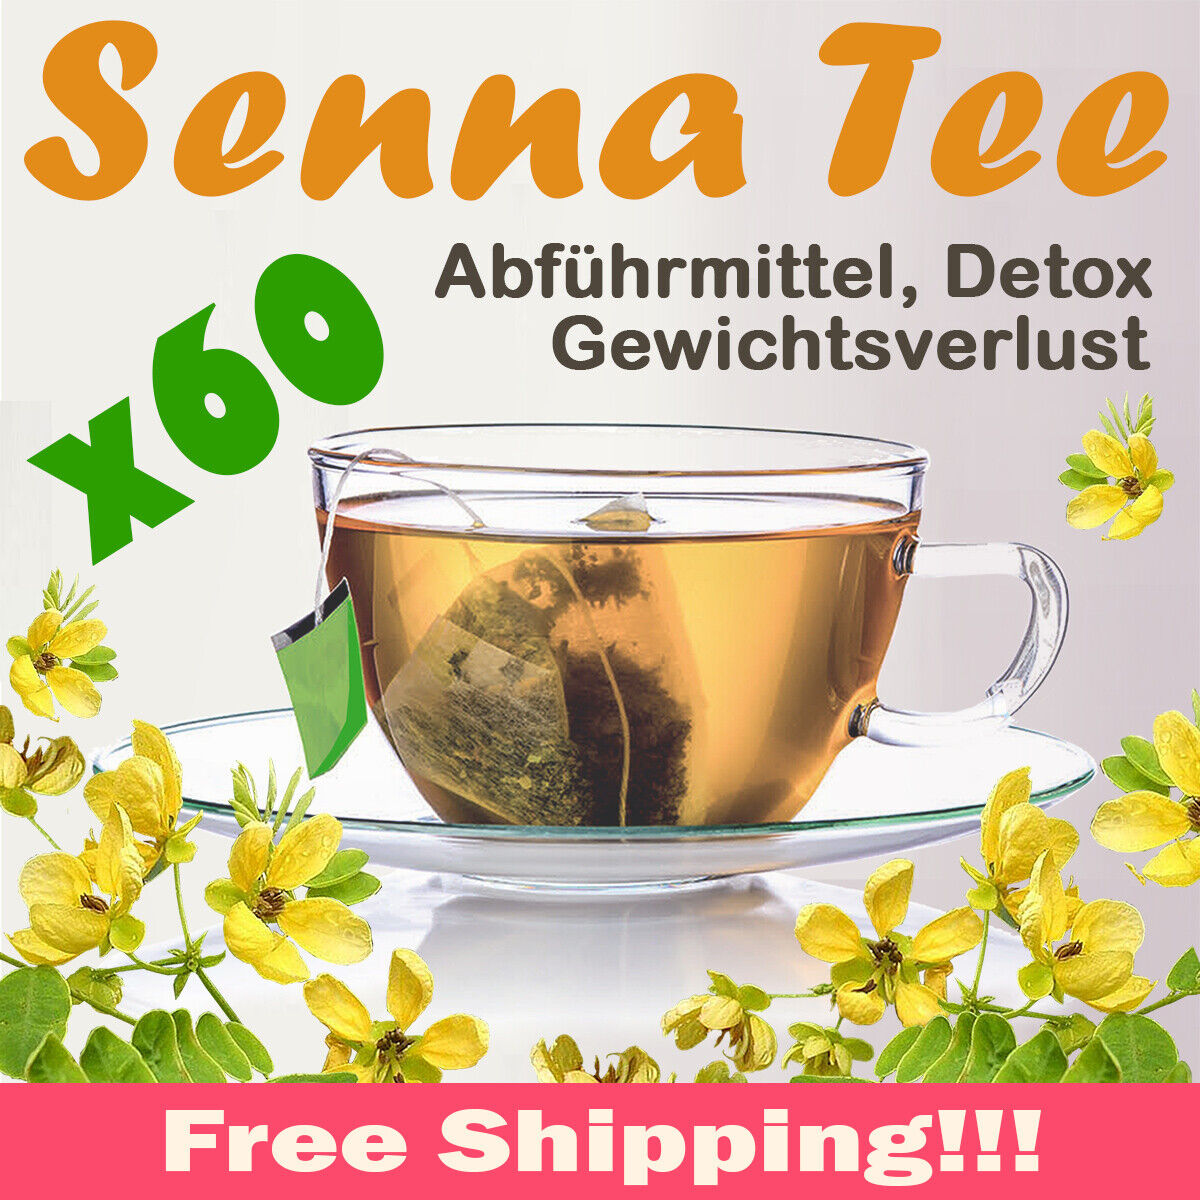 SENNA TEE - Abführmittel,Detox,Gewichtsverlust,60 Teebeutel,kostenloser Versand